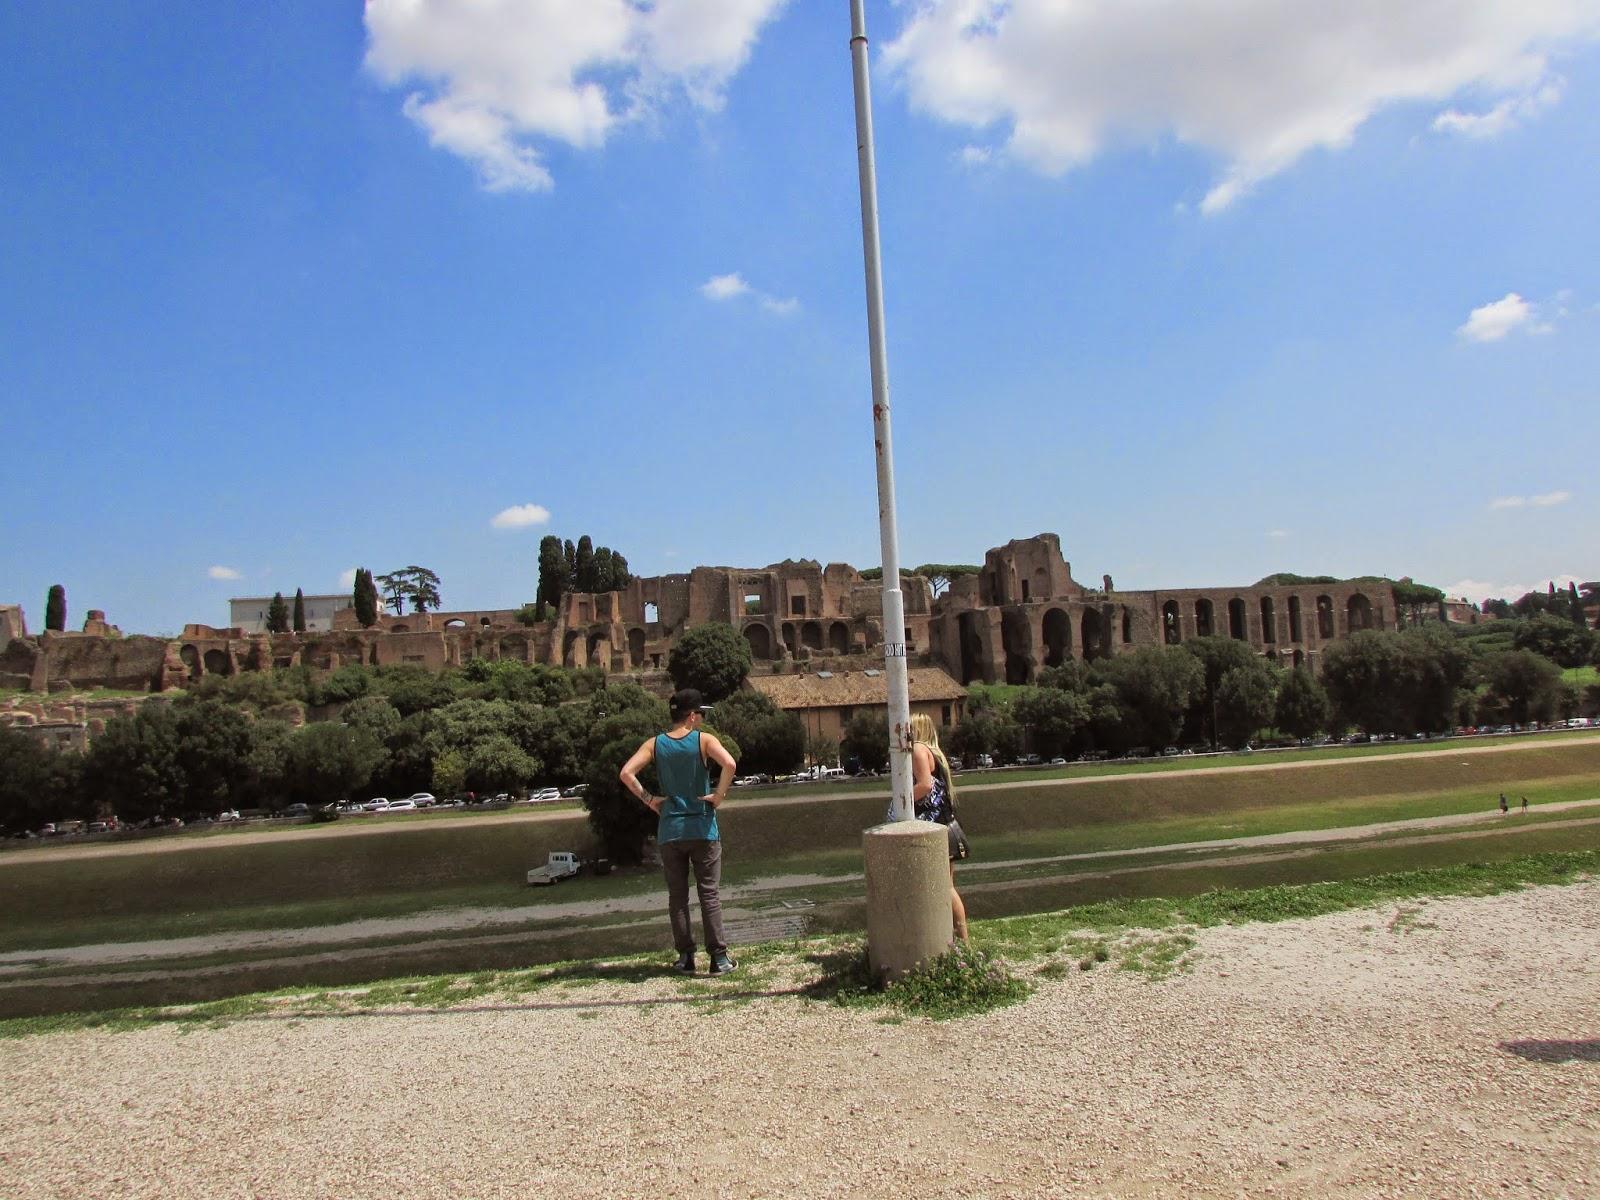 Itália, Roma, turismo, Europa, Italy, travel, trip, viagem, Italia, Vaticano, Basílica de São Pedro, Circus Maximus, Palatino